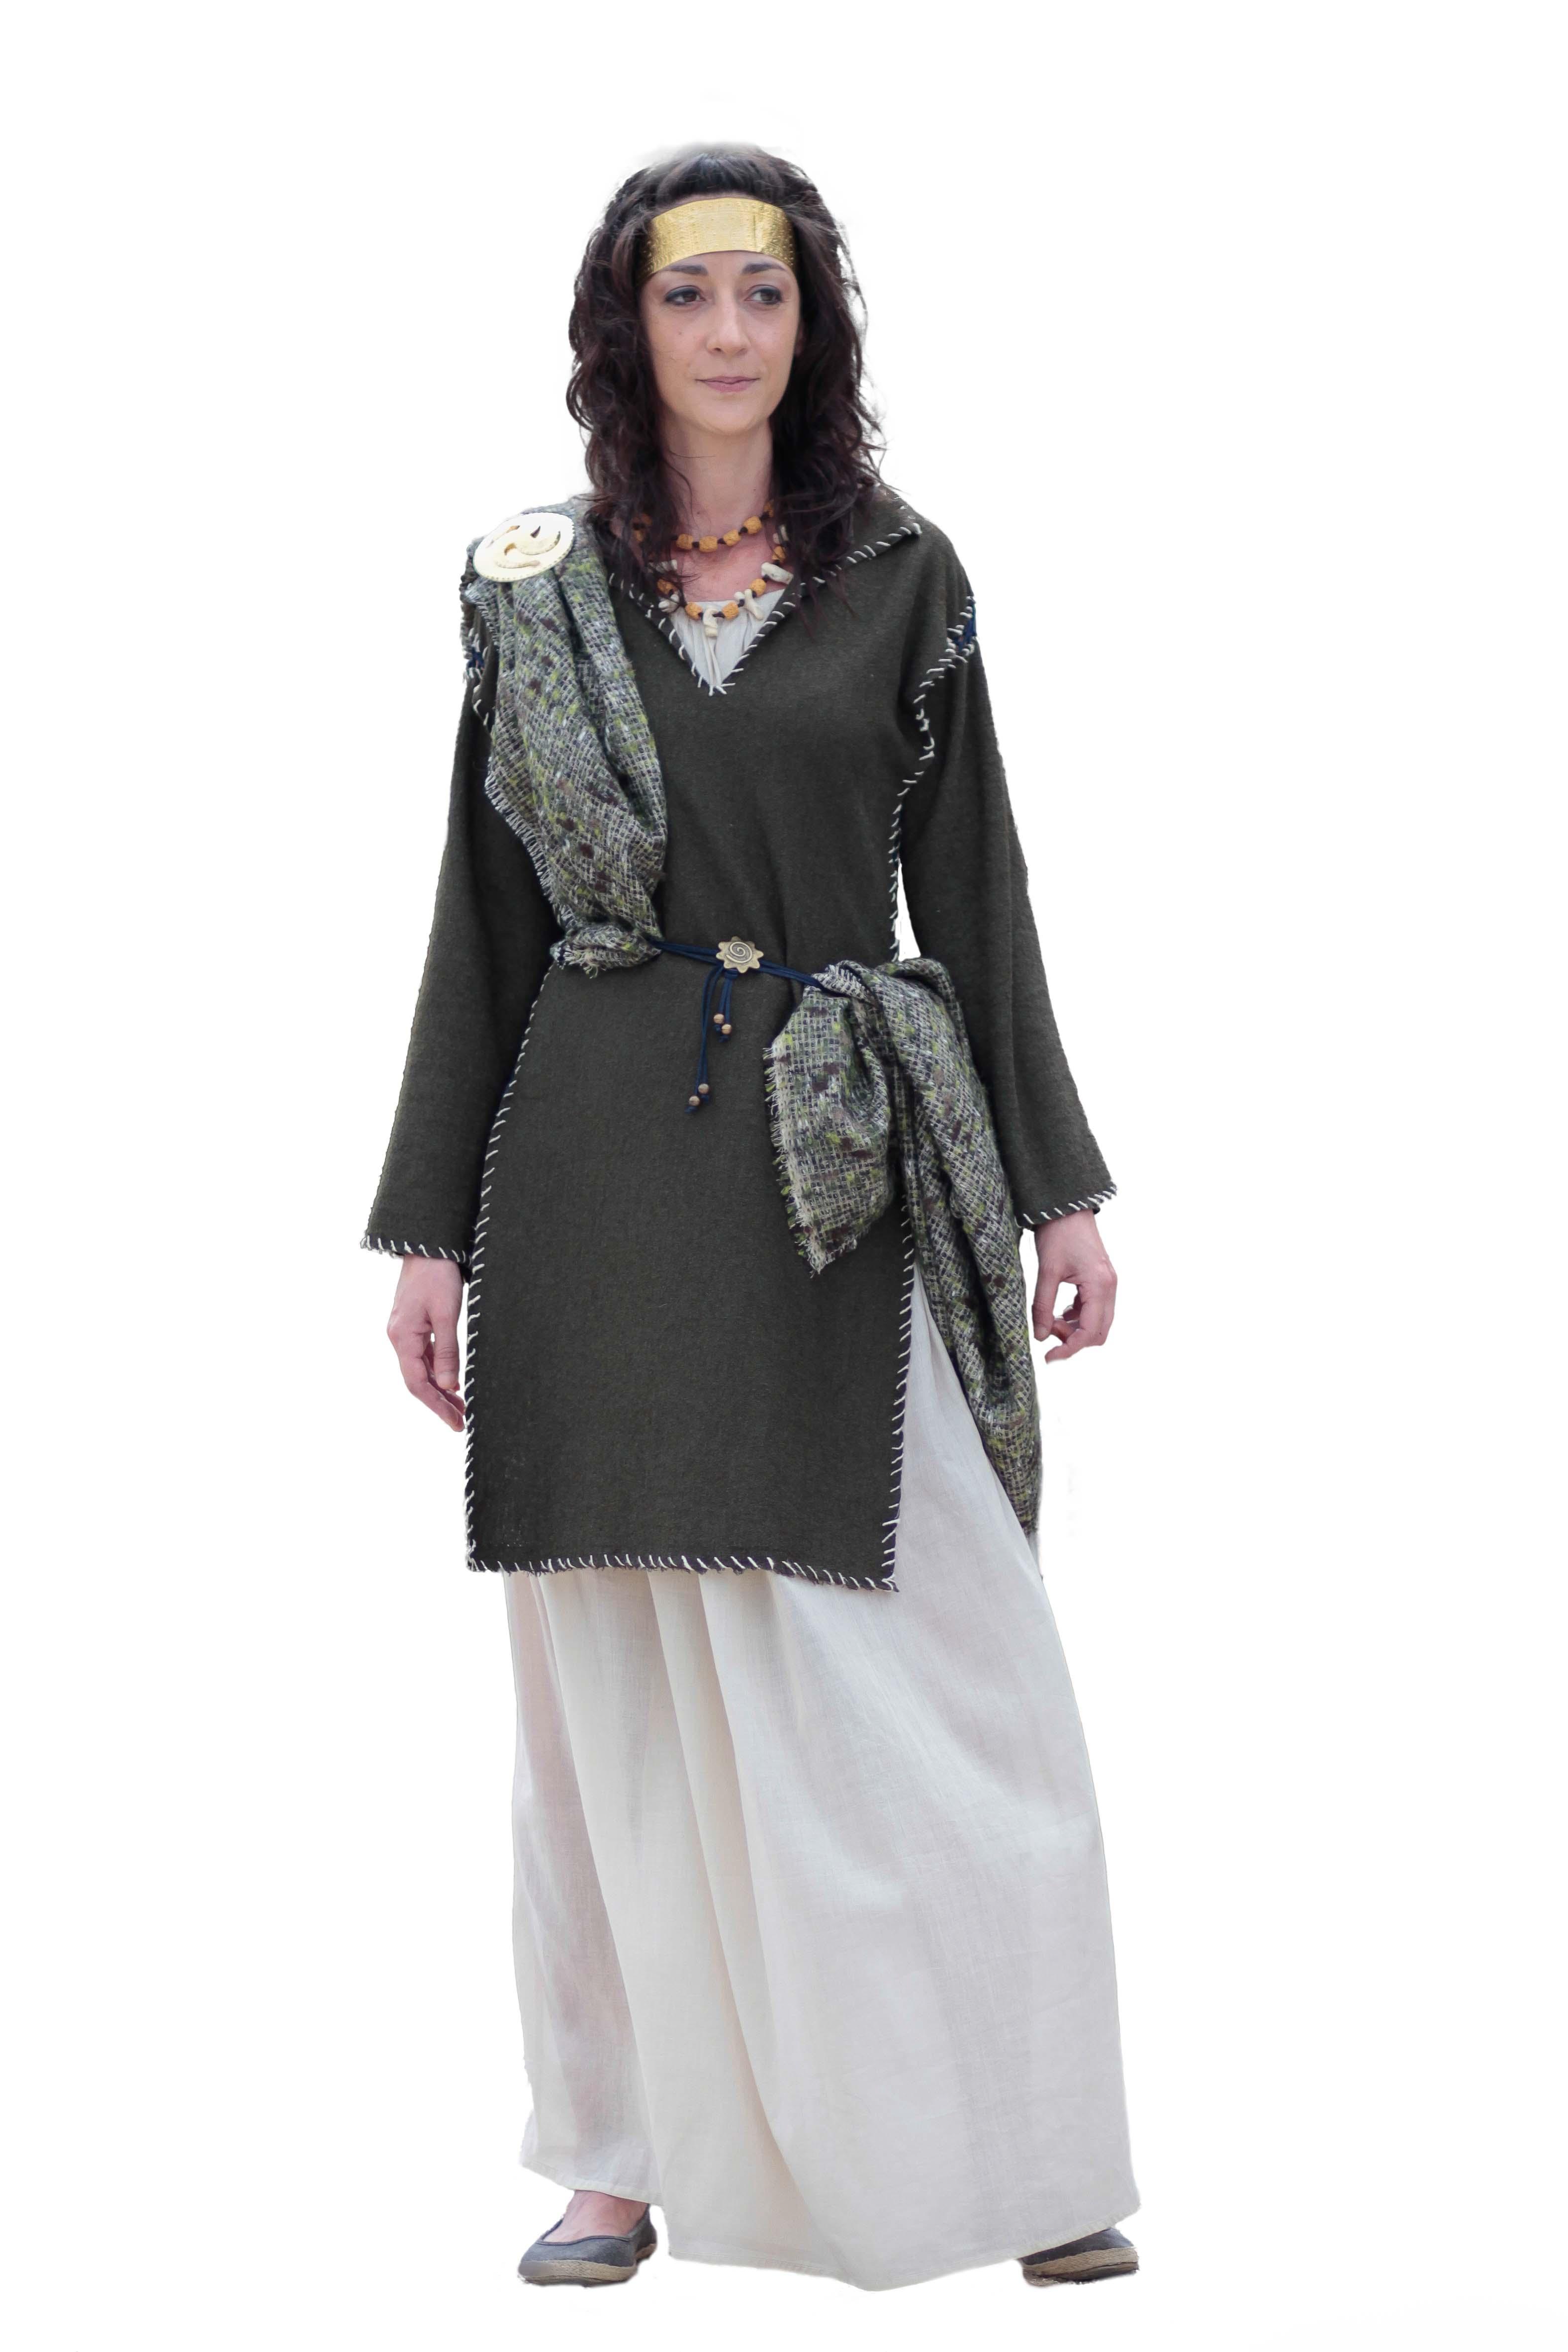 vestimenta celta mujer castrexa vikinga disfraz mujer